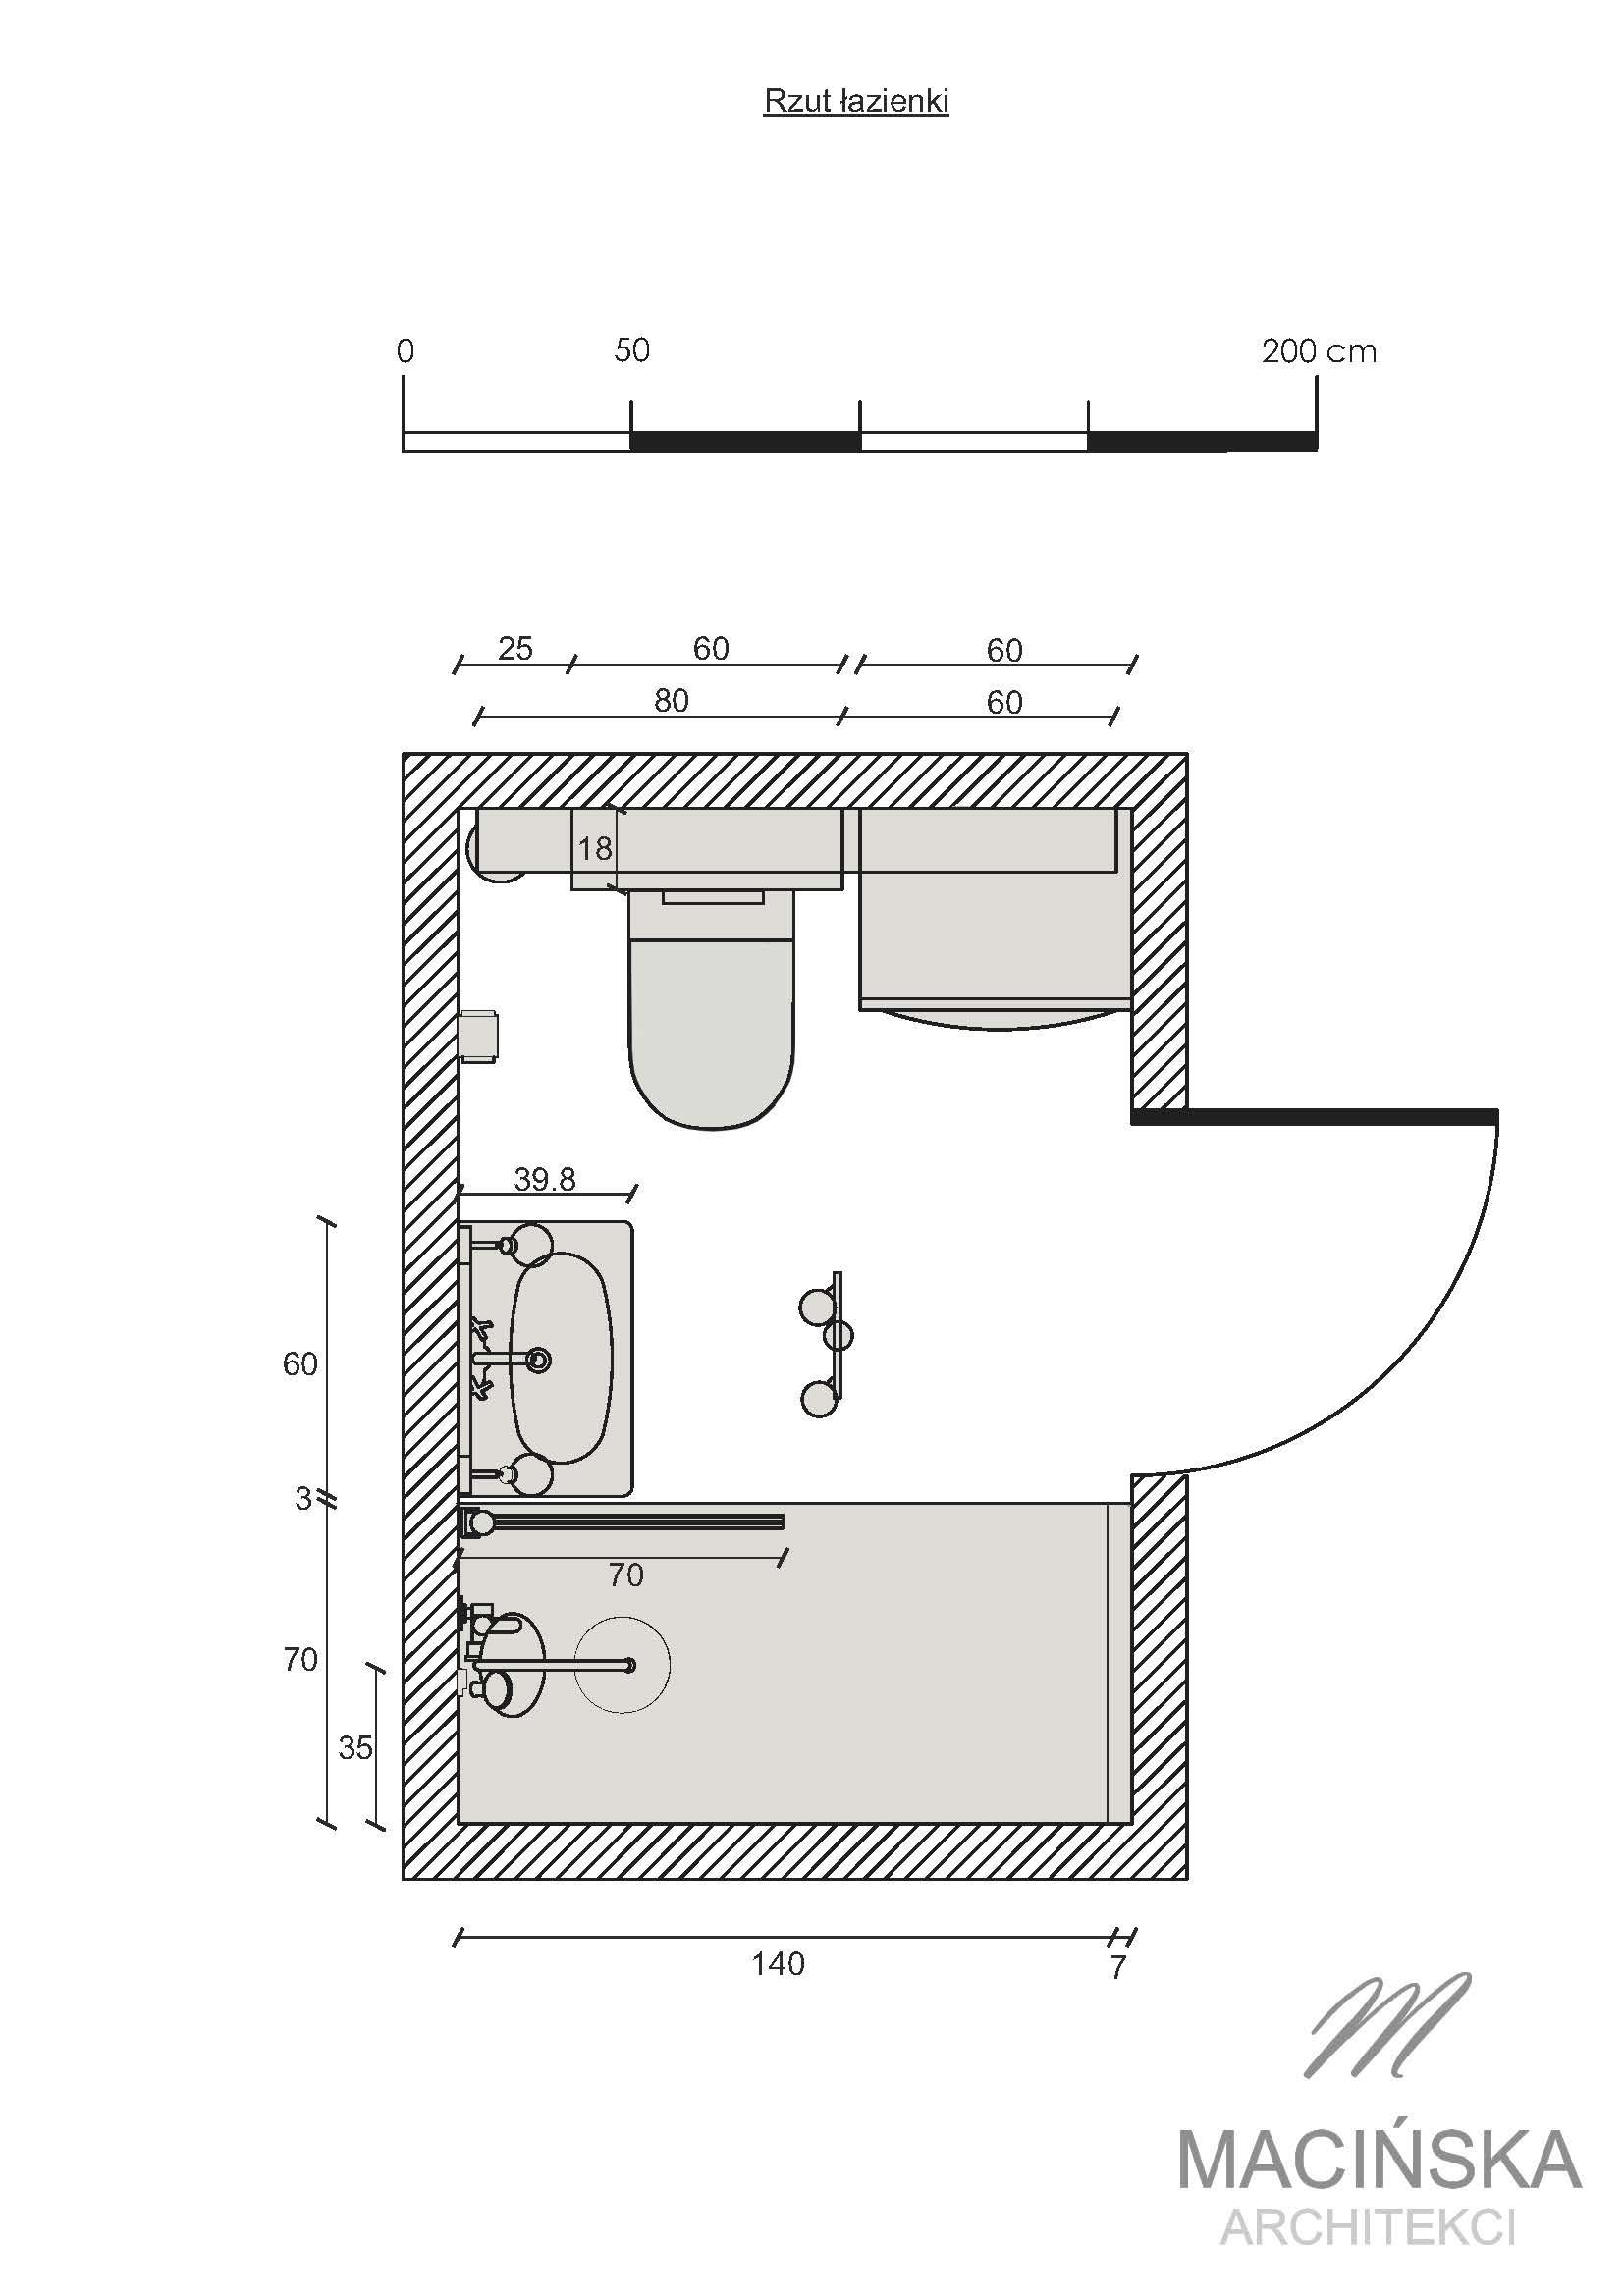 Projektowanie łazienek Poznań Jeżyce Rzut Macińska